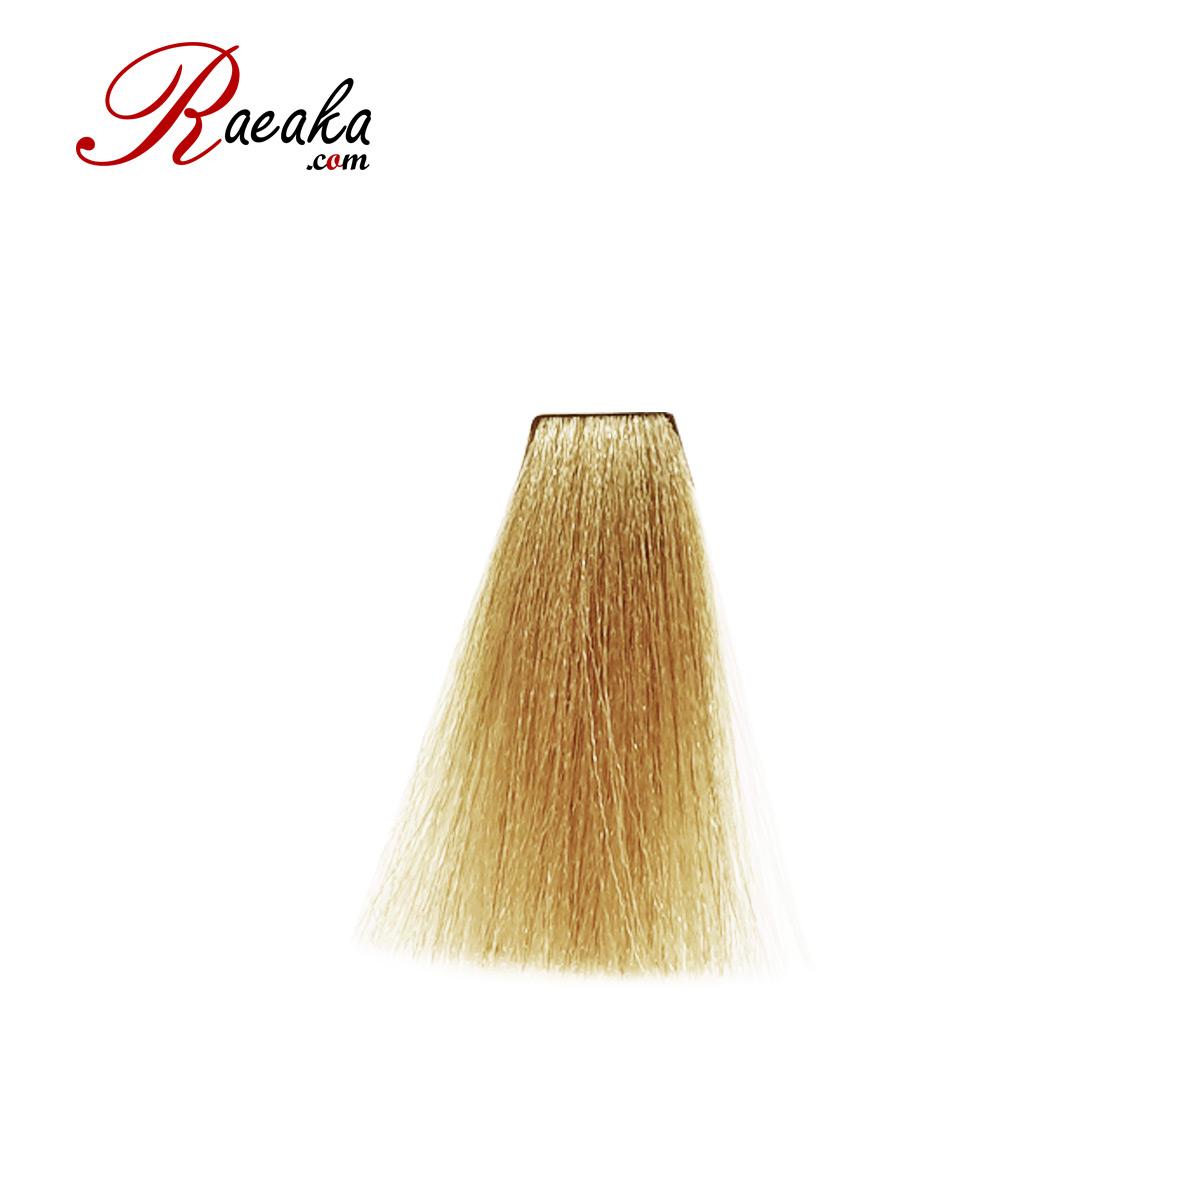 رنگ مو دوشس سری کاراملی شماره 83-7 حجم 125 میلی لیتر